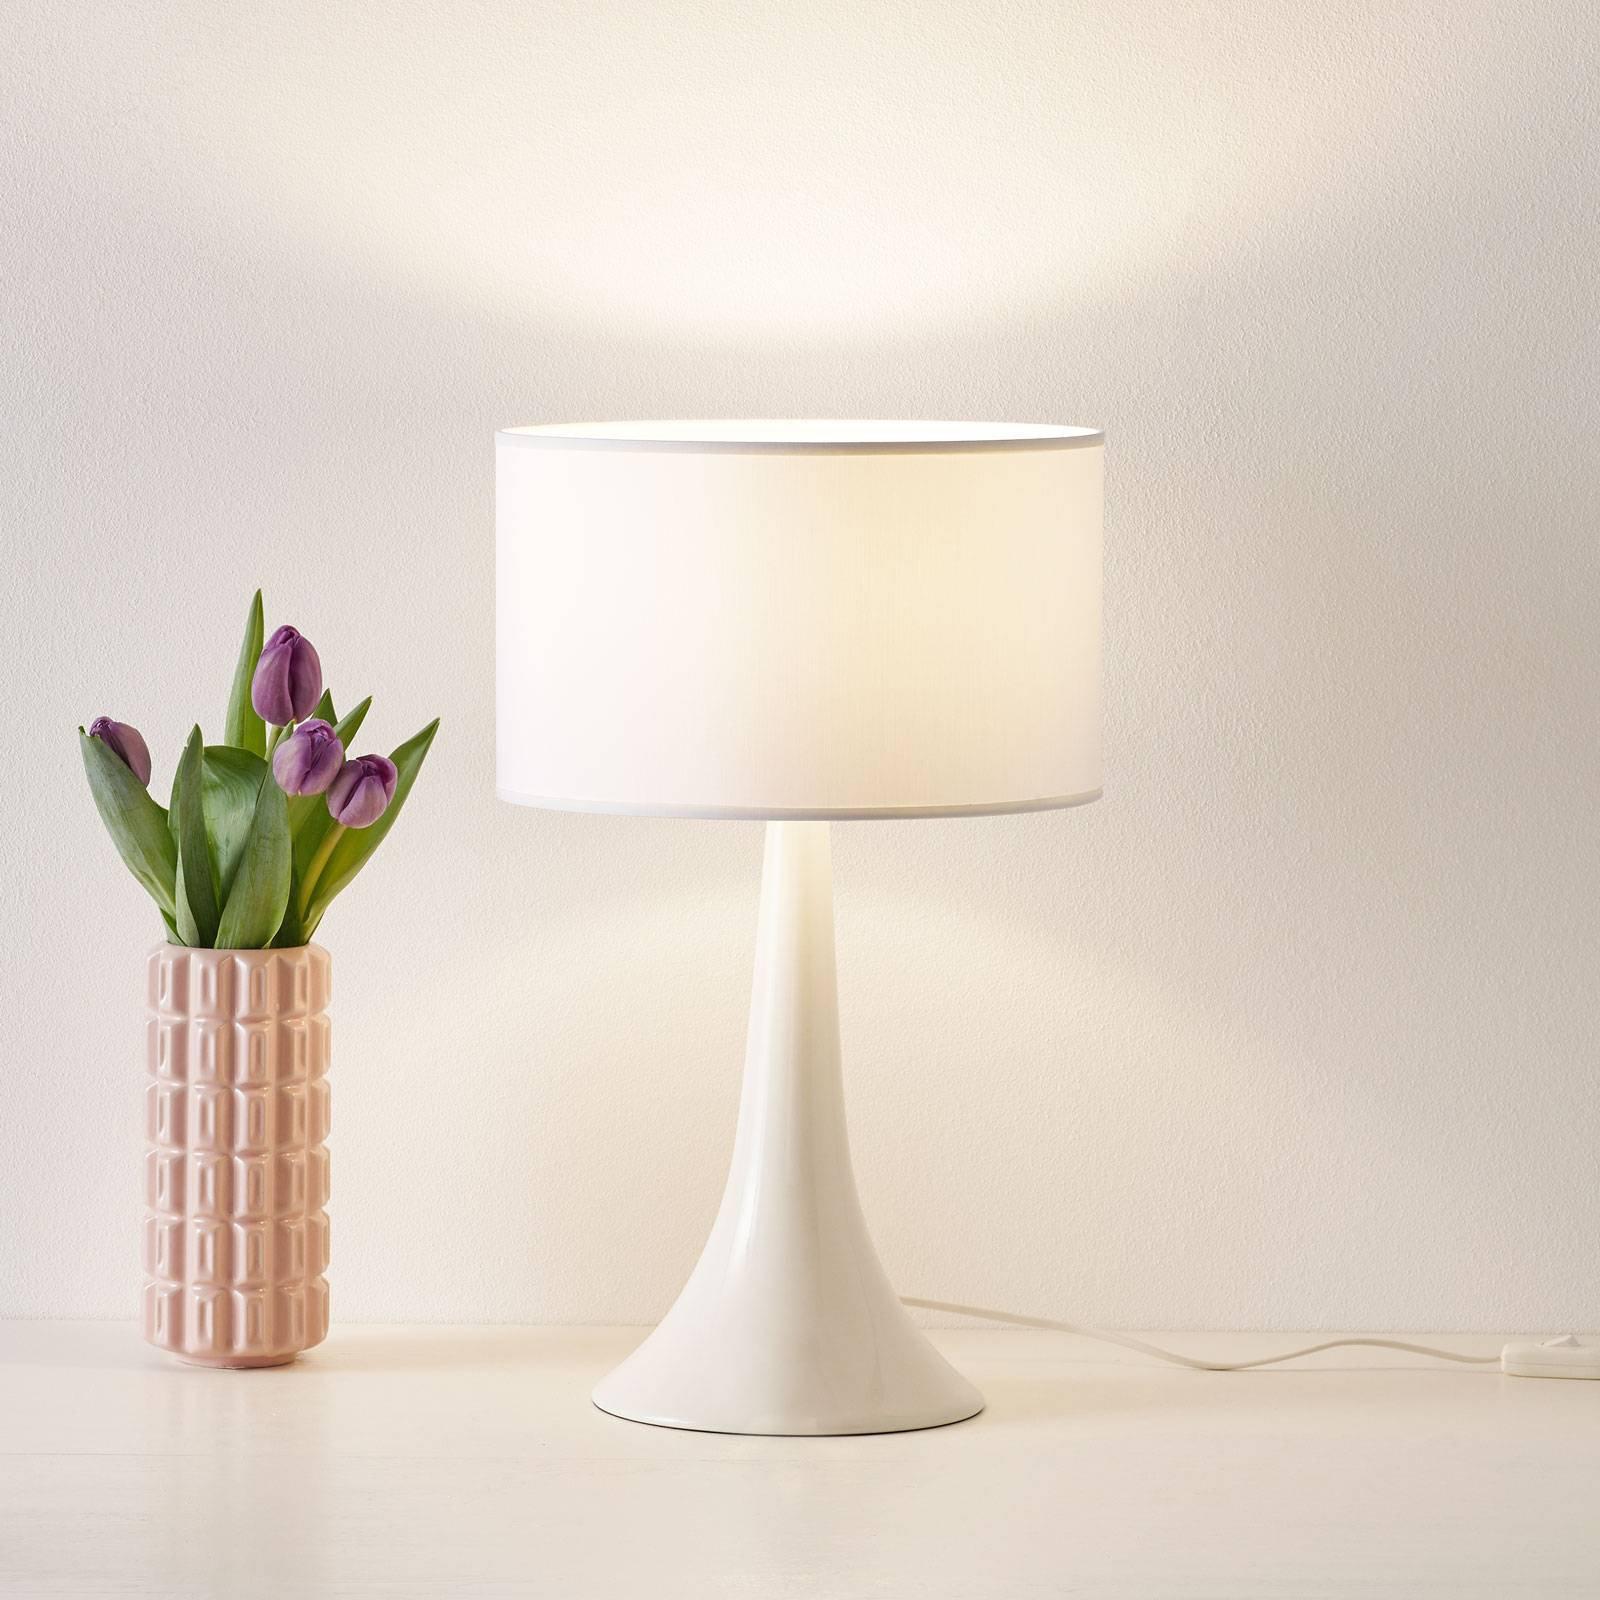 Tekstil-bordlampe L1810 med keramisk fot, hvit